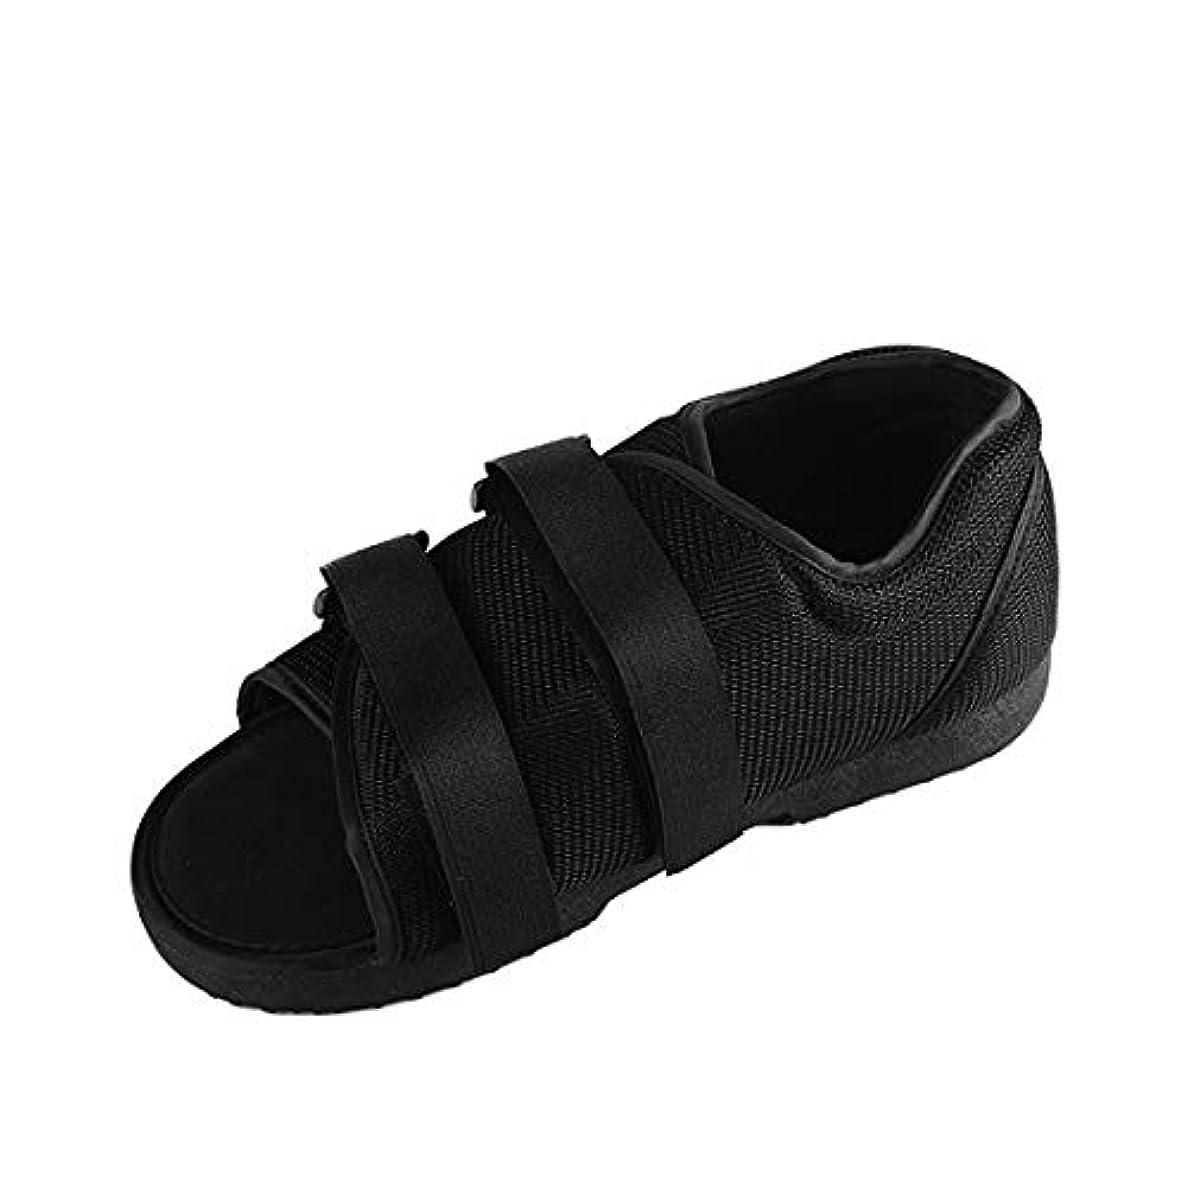 悪化する余剰最も医療足骨折石膏の回復靴の手術後のつま先の靴を安定化骨折の靴を調整可能なファスナーで完全なカバー,WS23.5*9cm